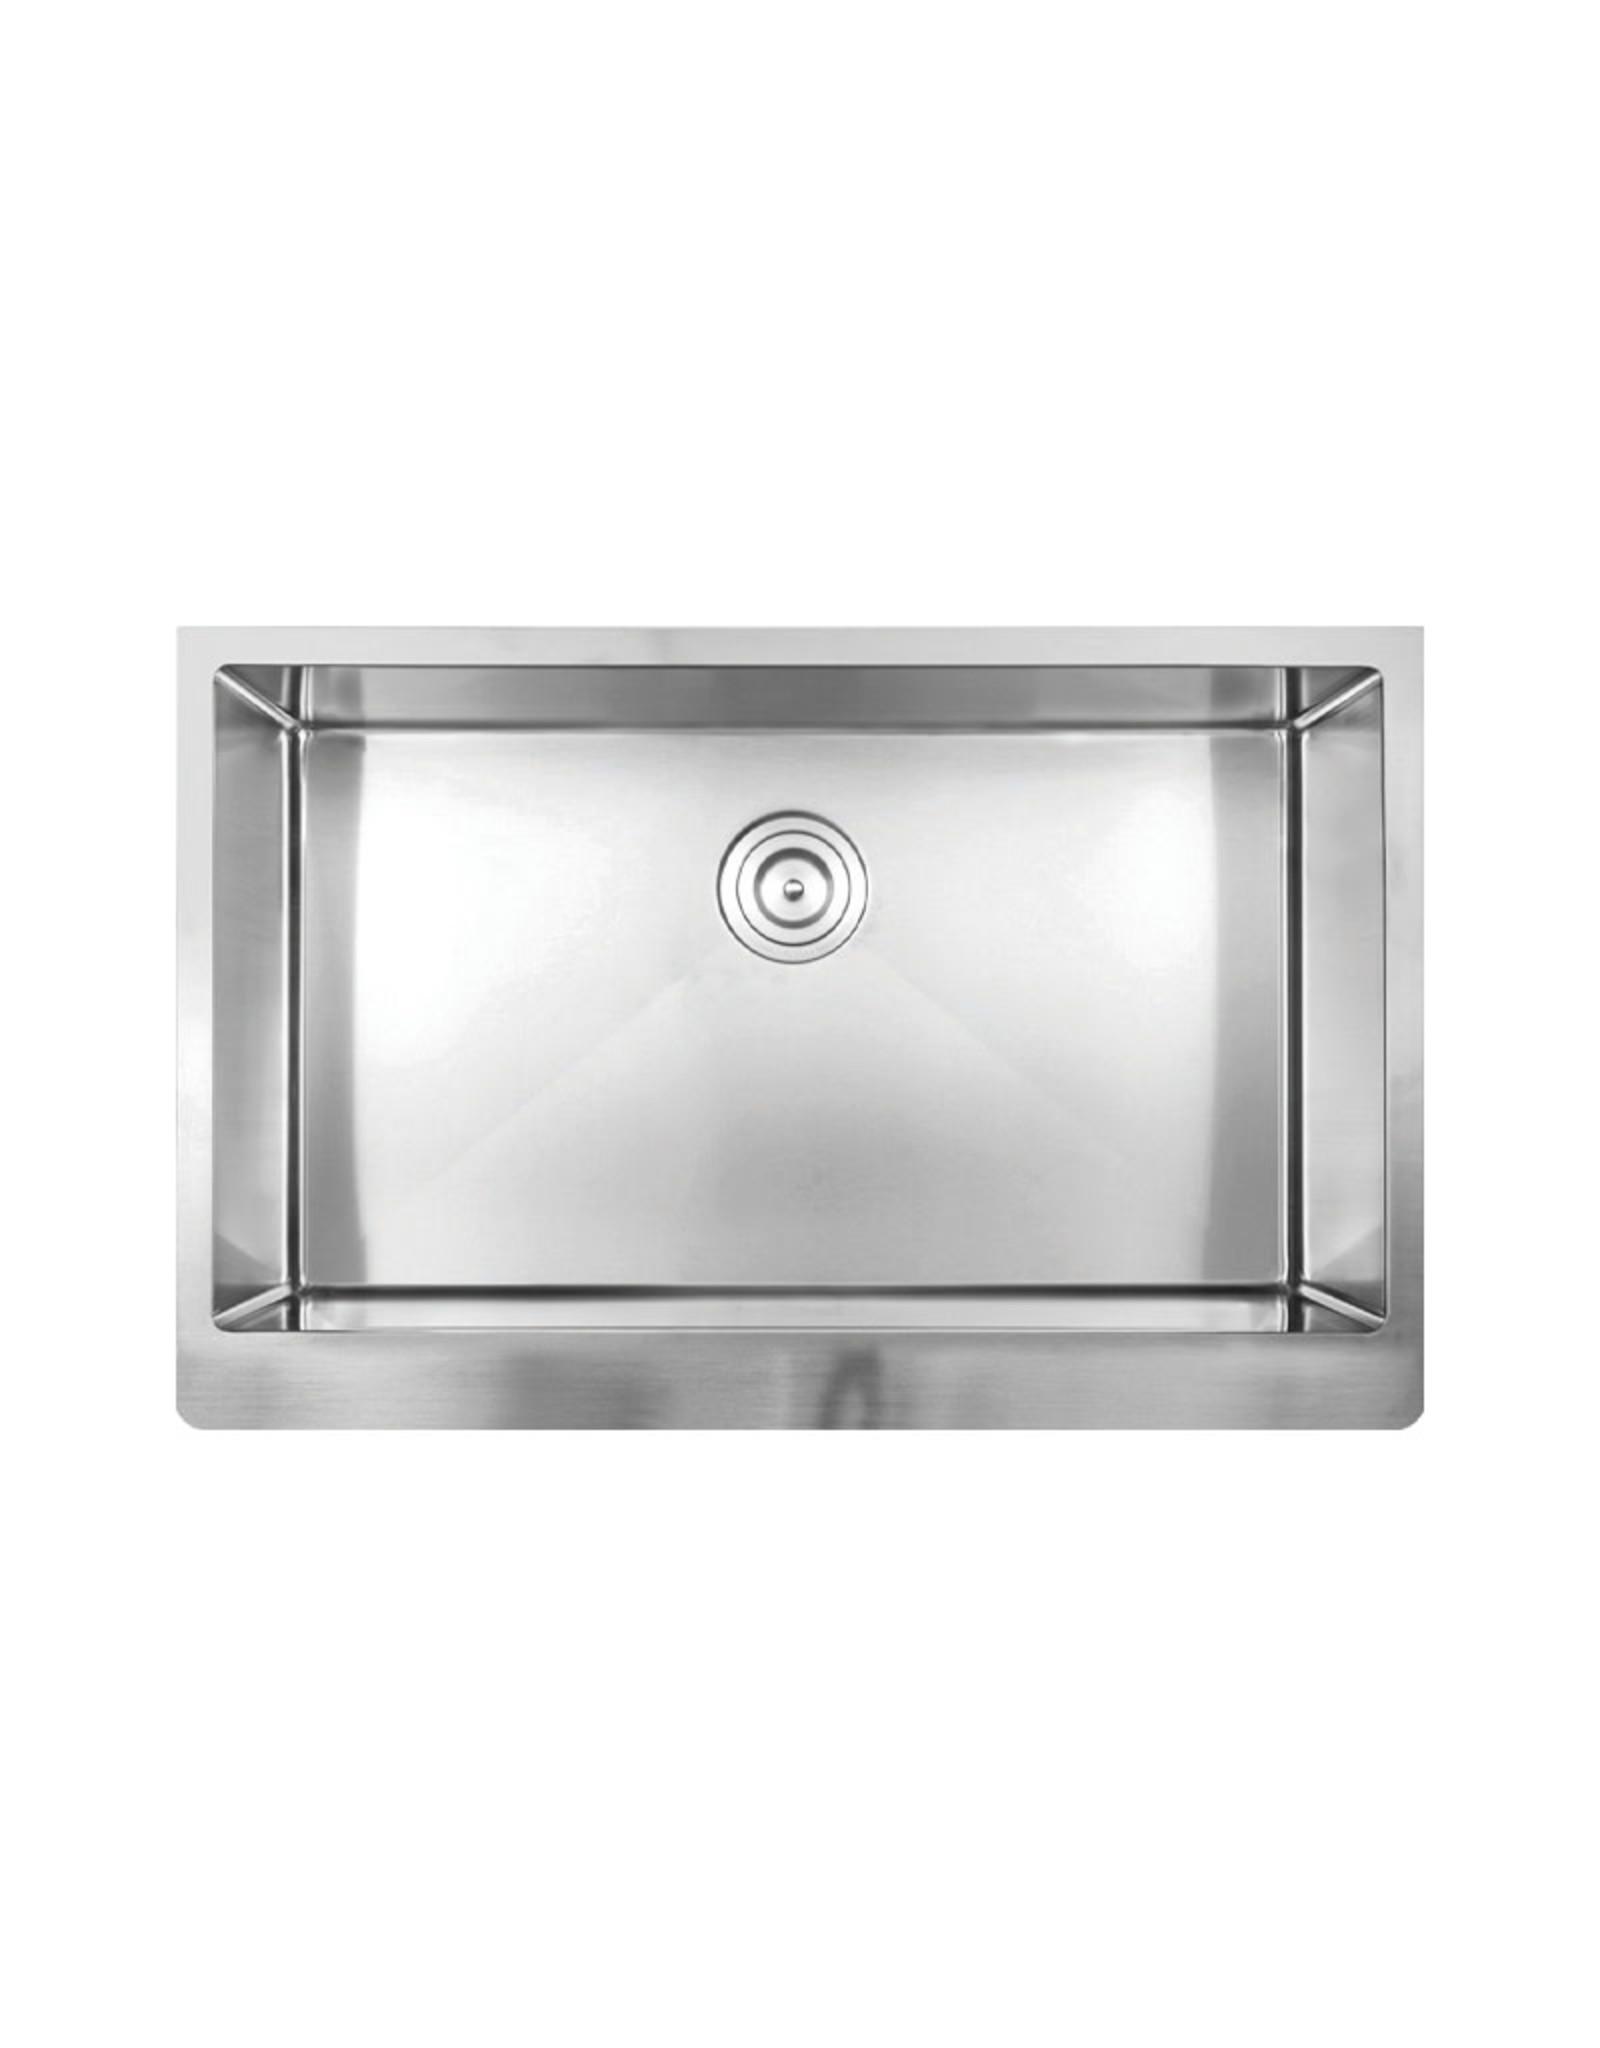 """Vogt Judenburg 16R Apron Front Kitchen Sink 32 ⅞"""" x 20 ¾"""" x 10"""" With Bottom Grid"""